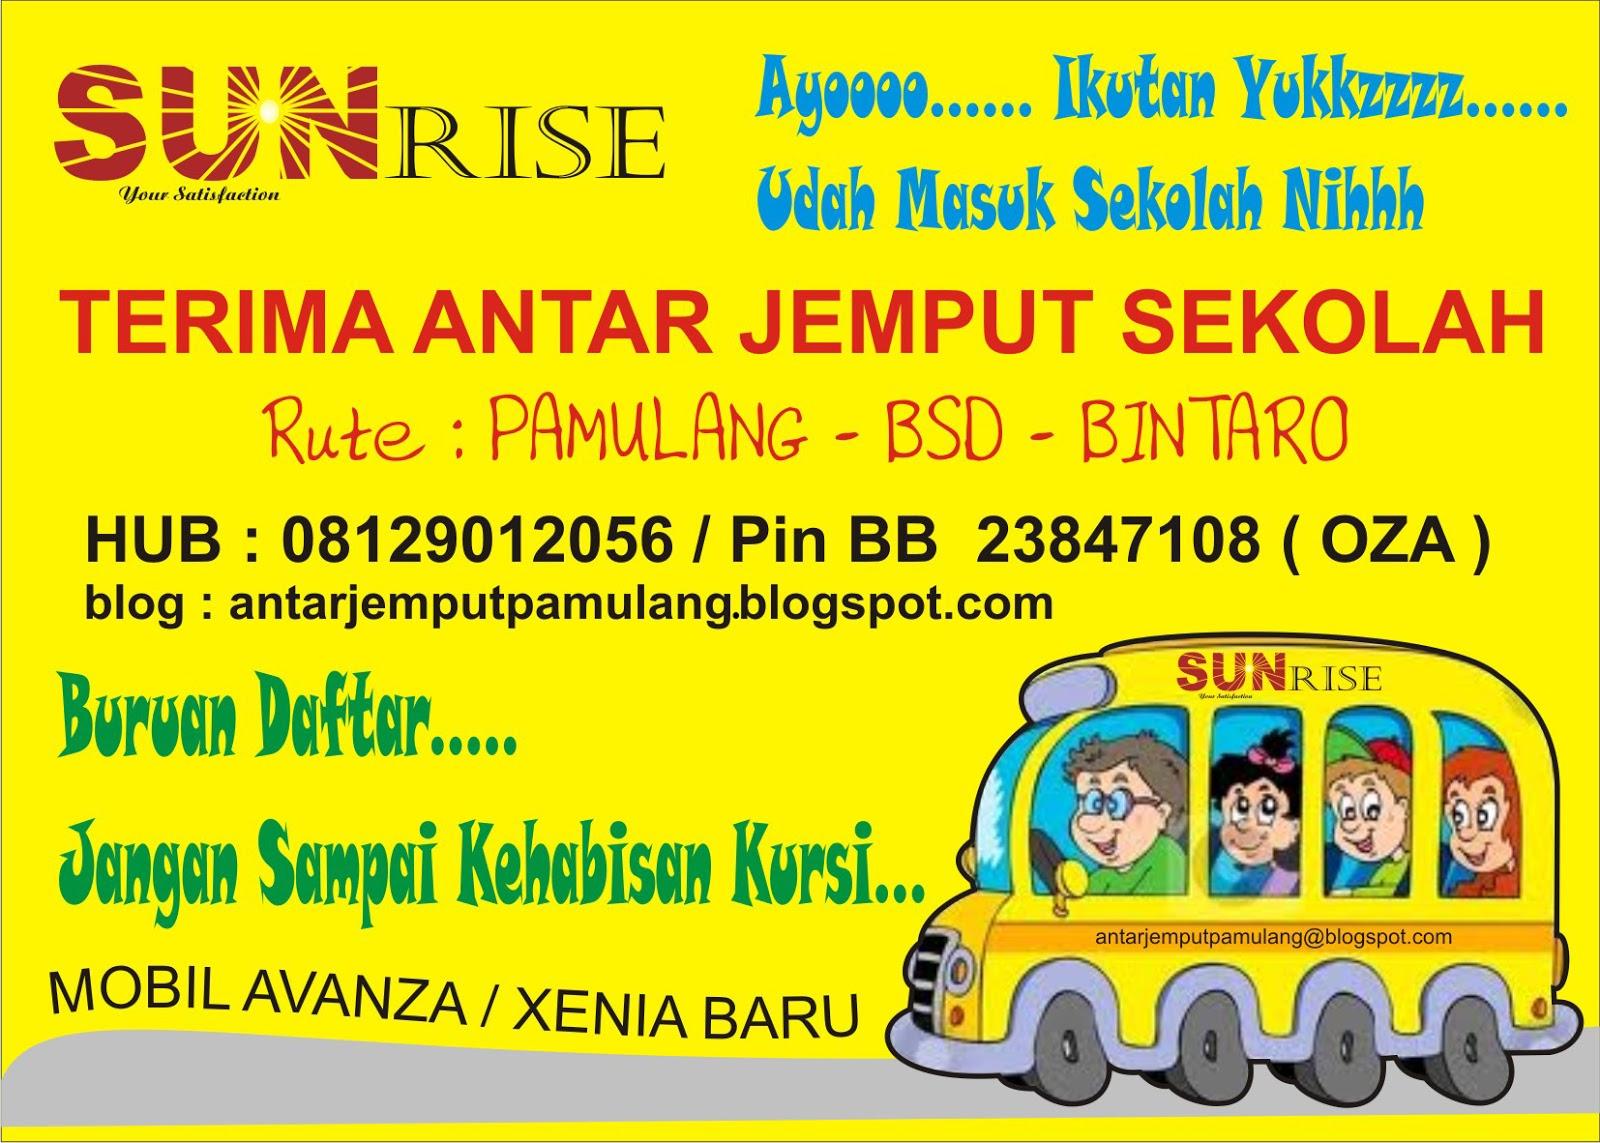 Antar Jemput Sekolah Pamulang Bsd Bintaro